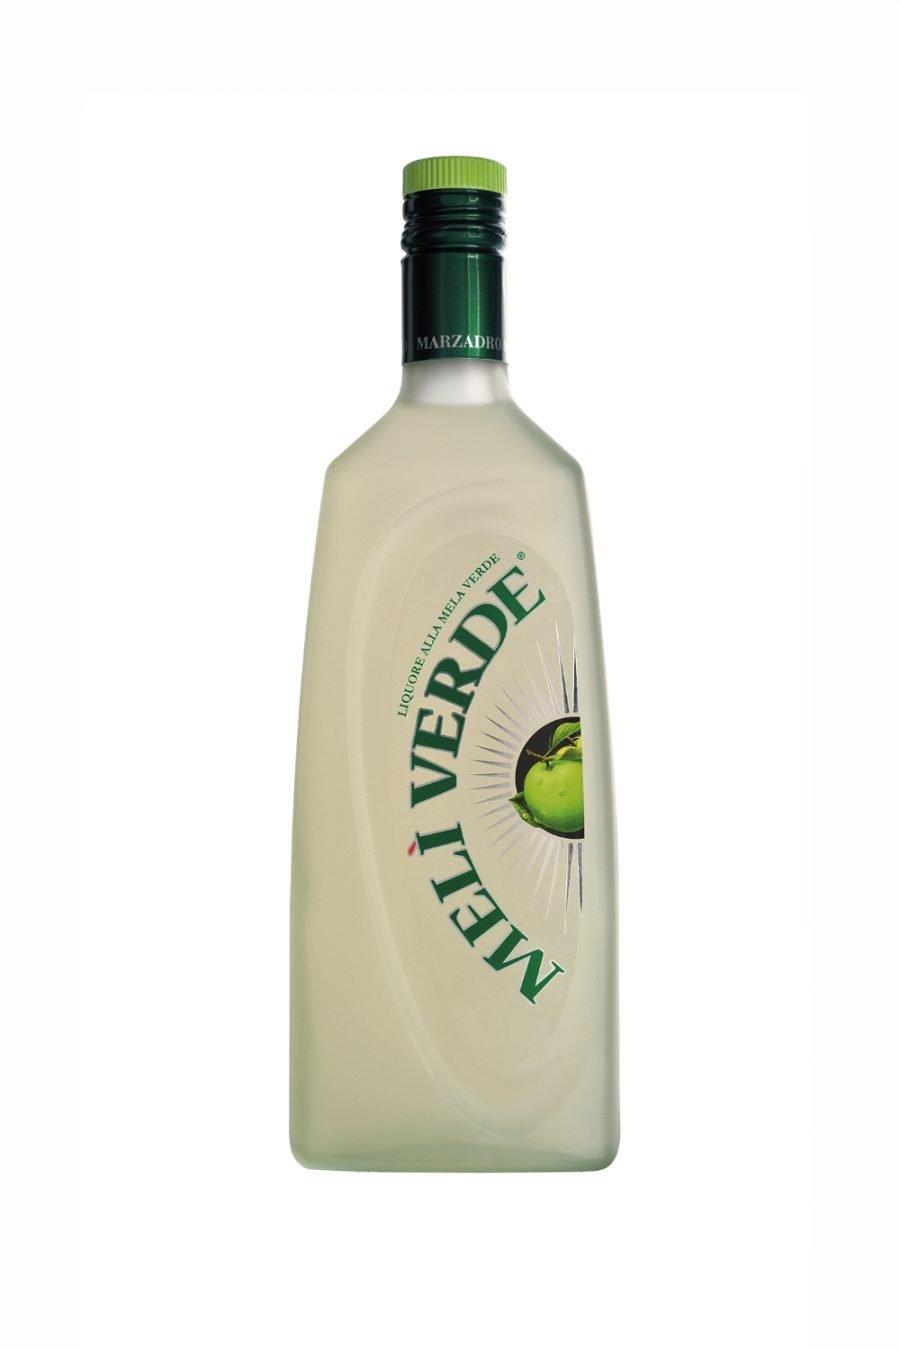 melì verde Marzadro